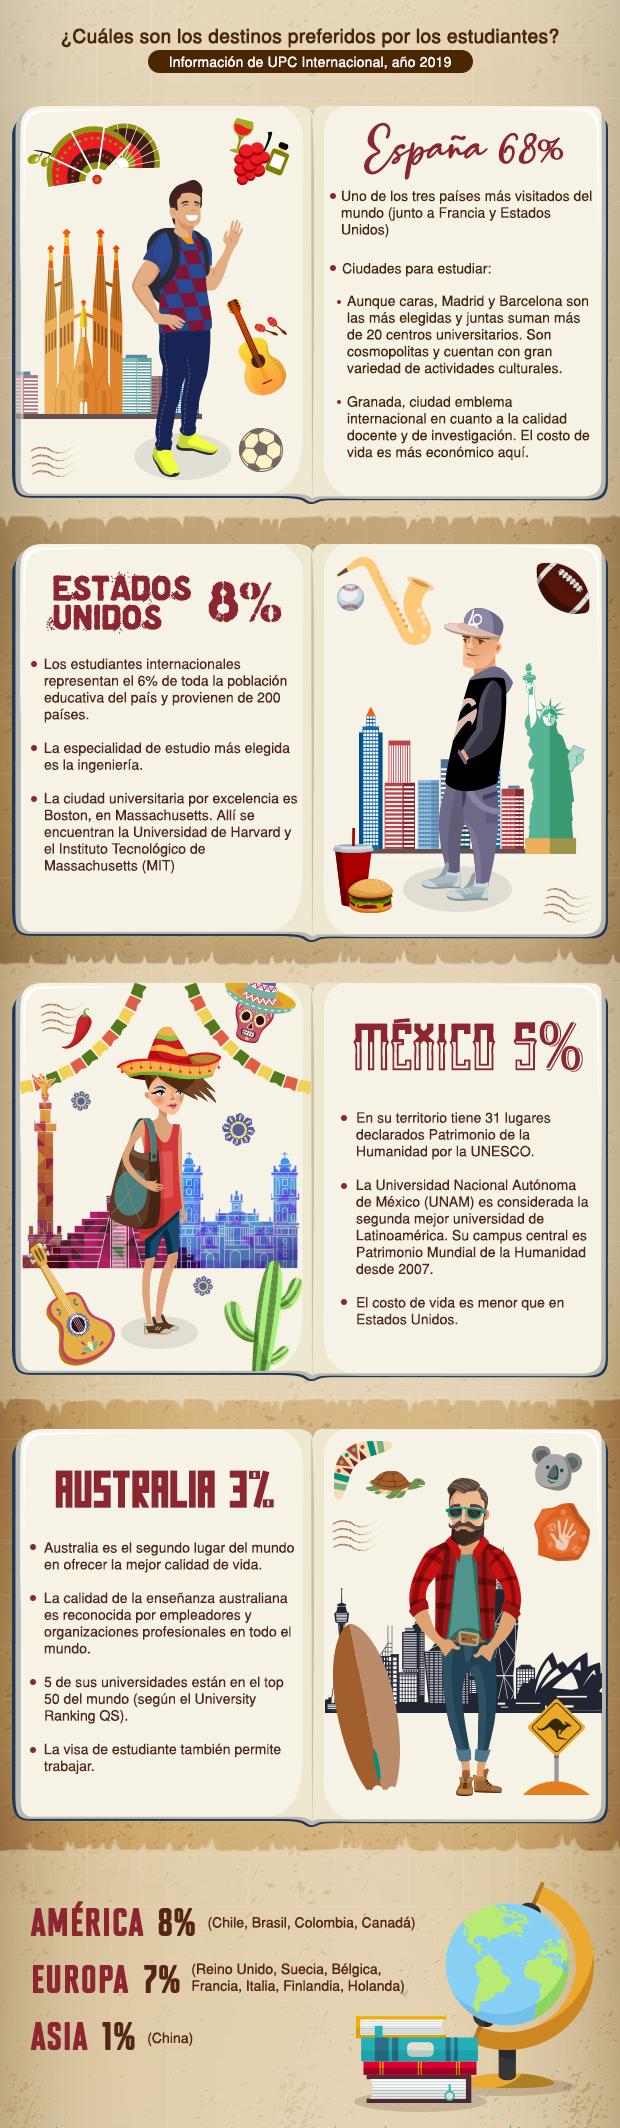 Estudiar en el extranjero: beneficios y destinos de la experiencia